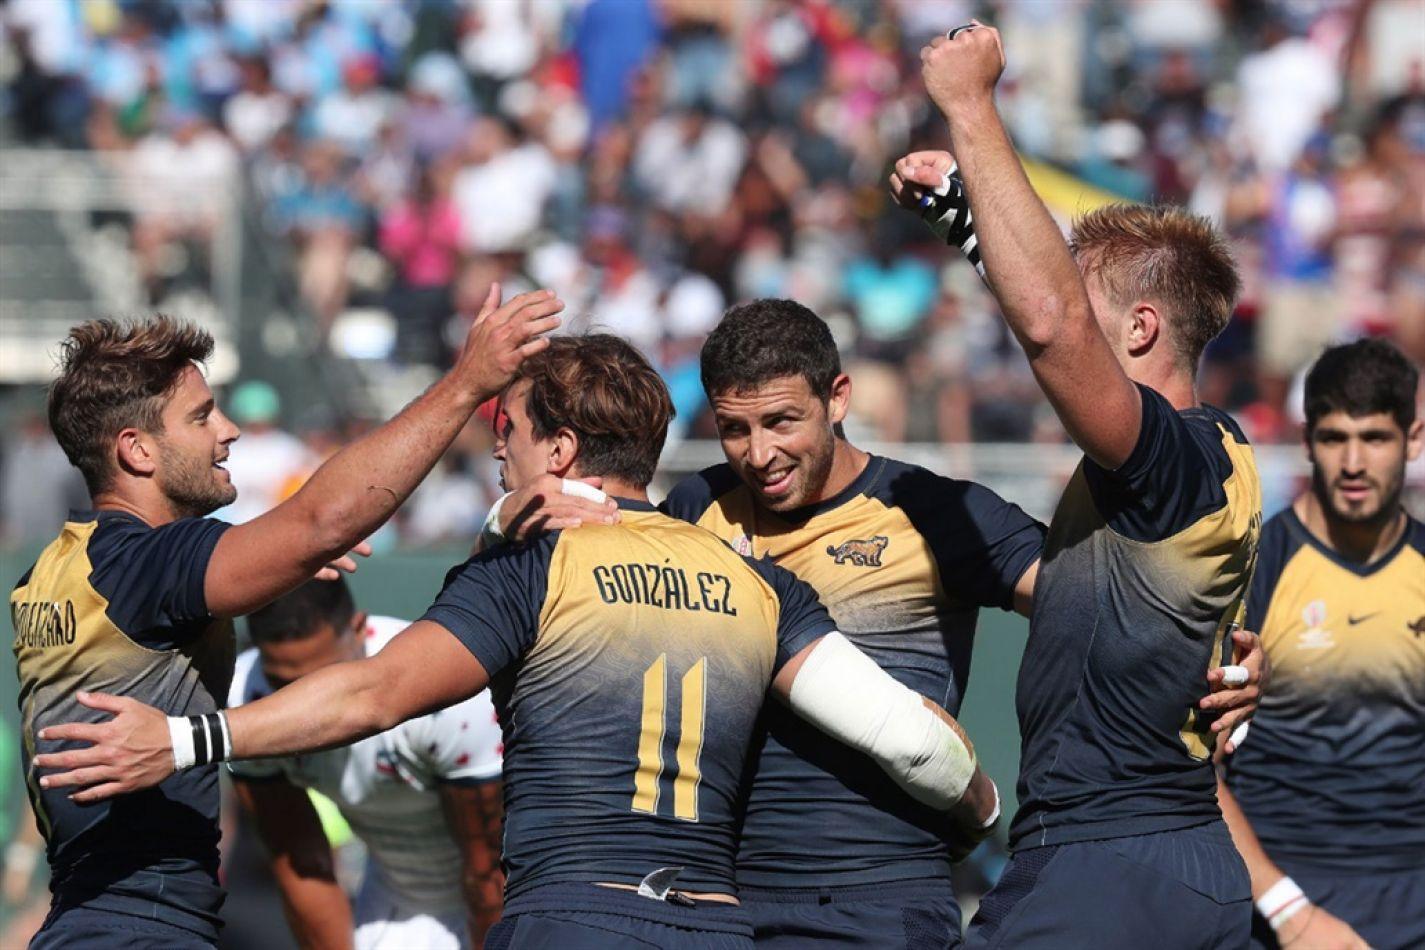 5° puesto conseguido por los Pumas 7s en el Mundial de San Francisco